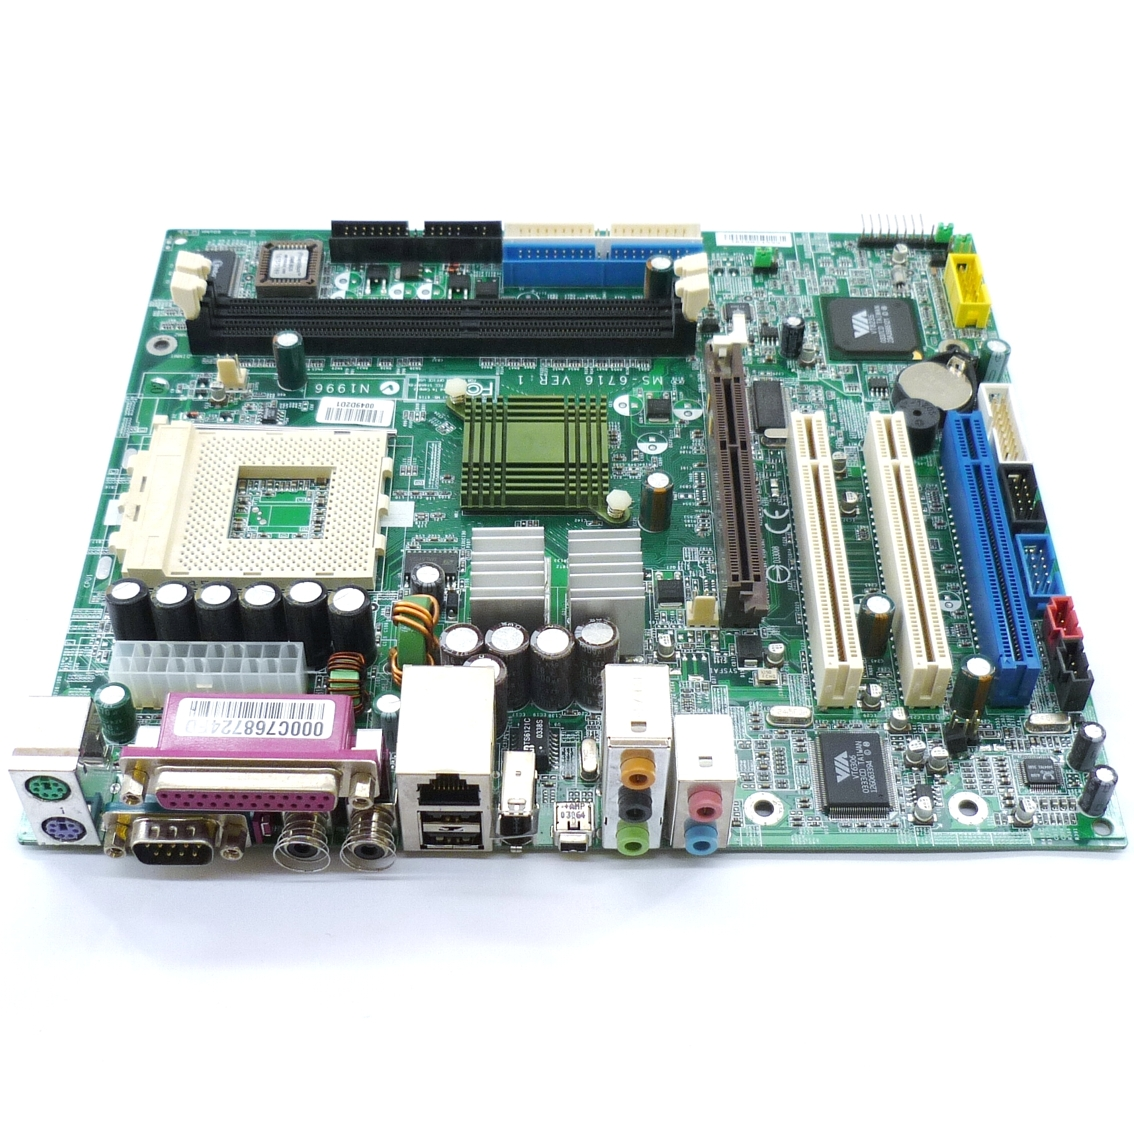 Hp motherboard manual Download